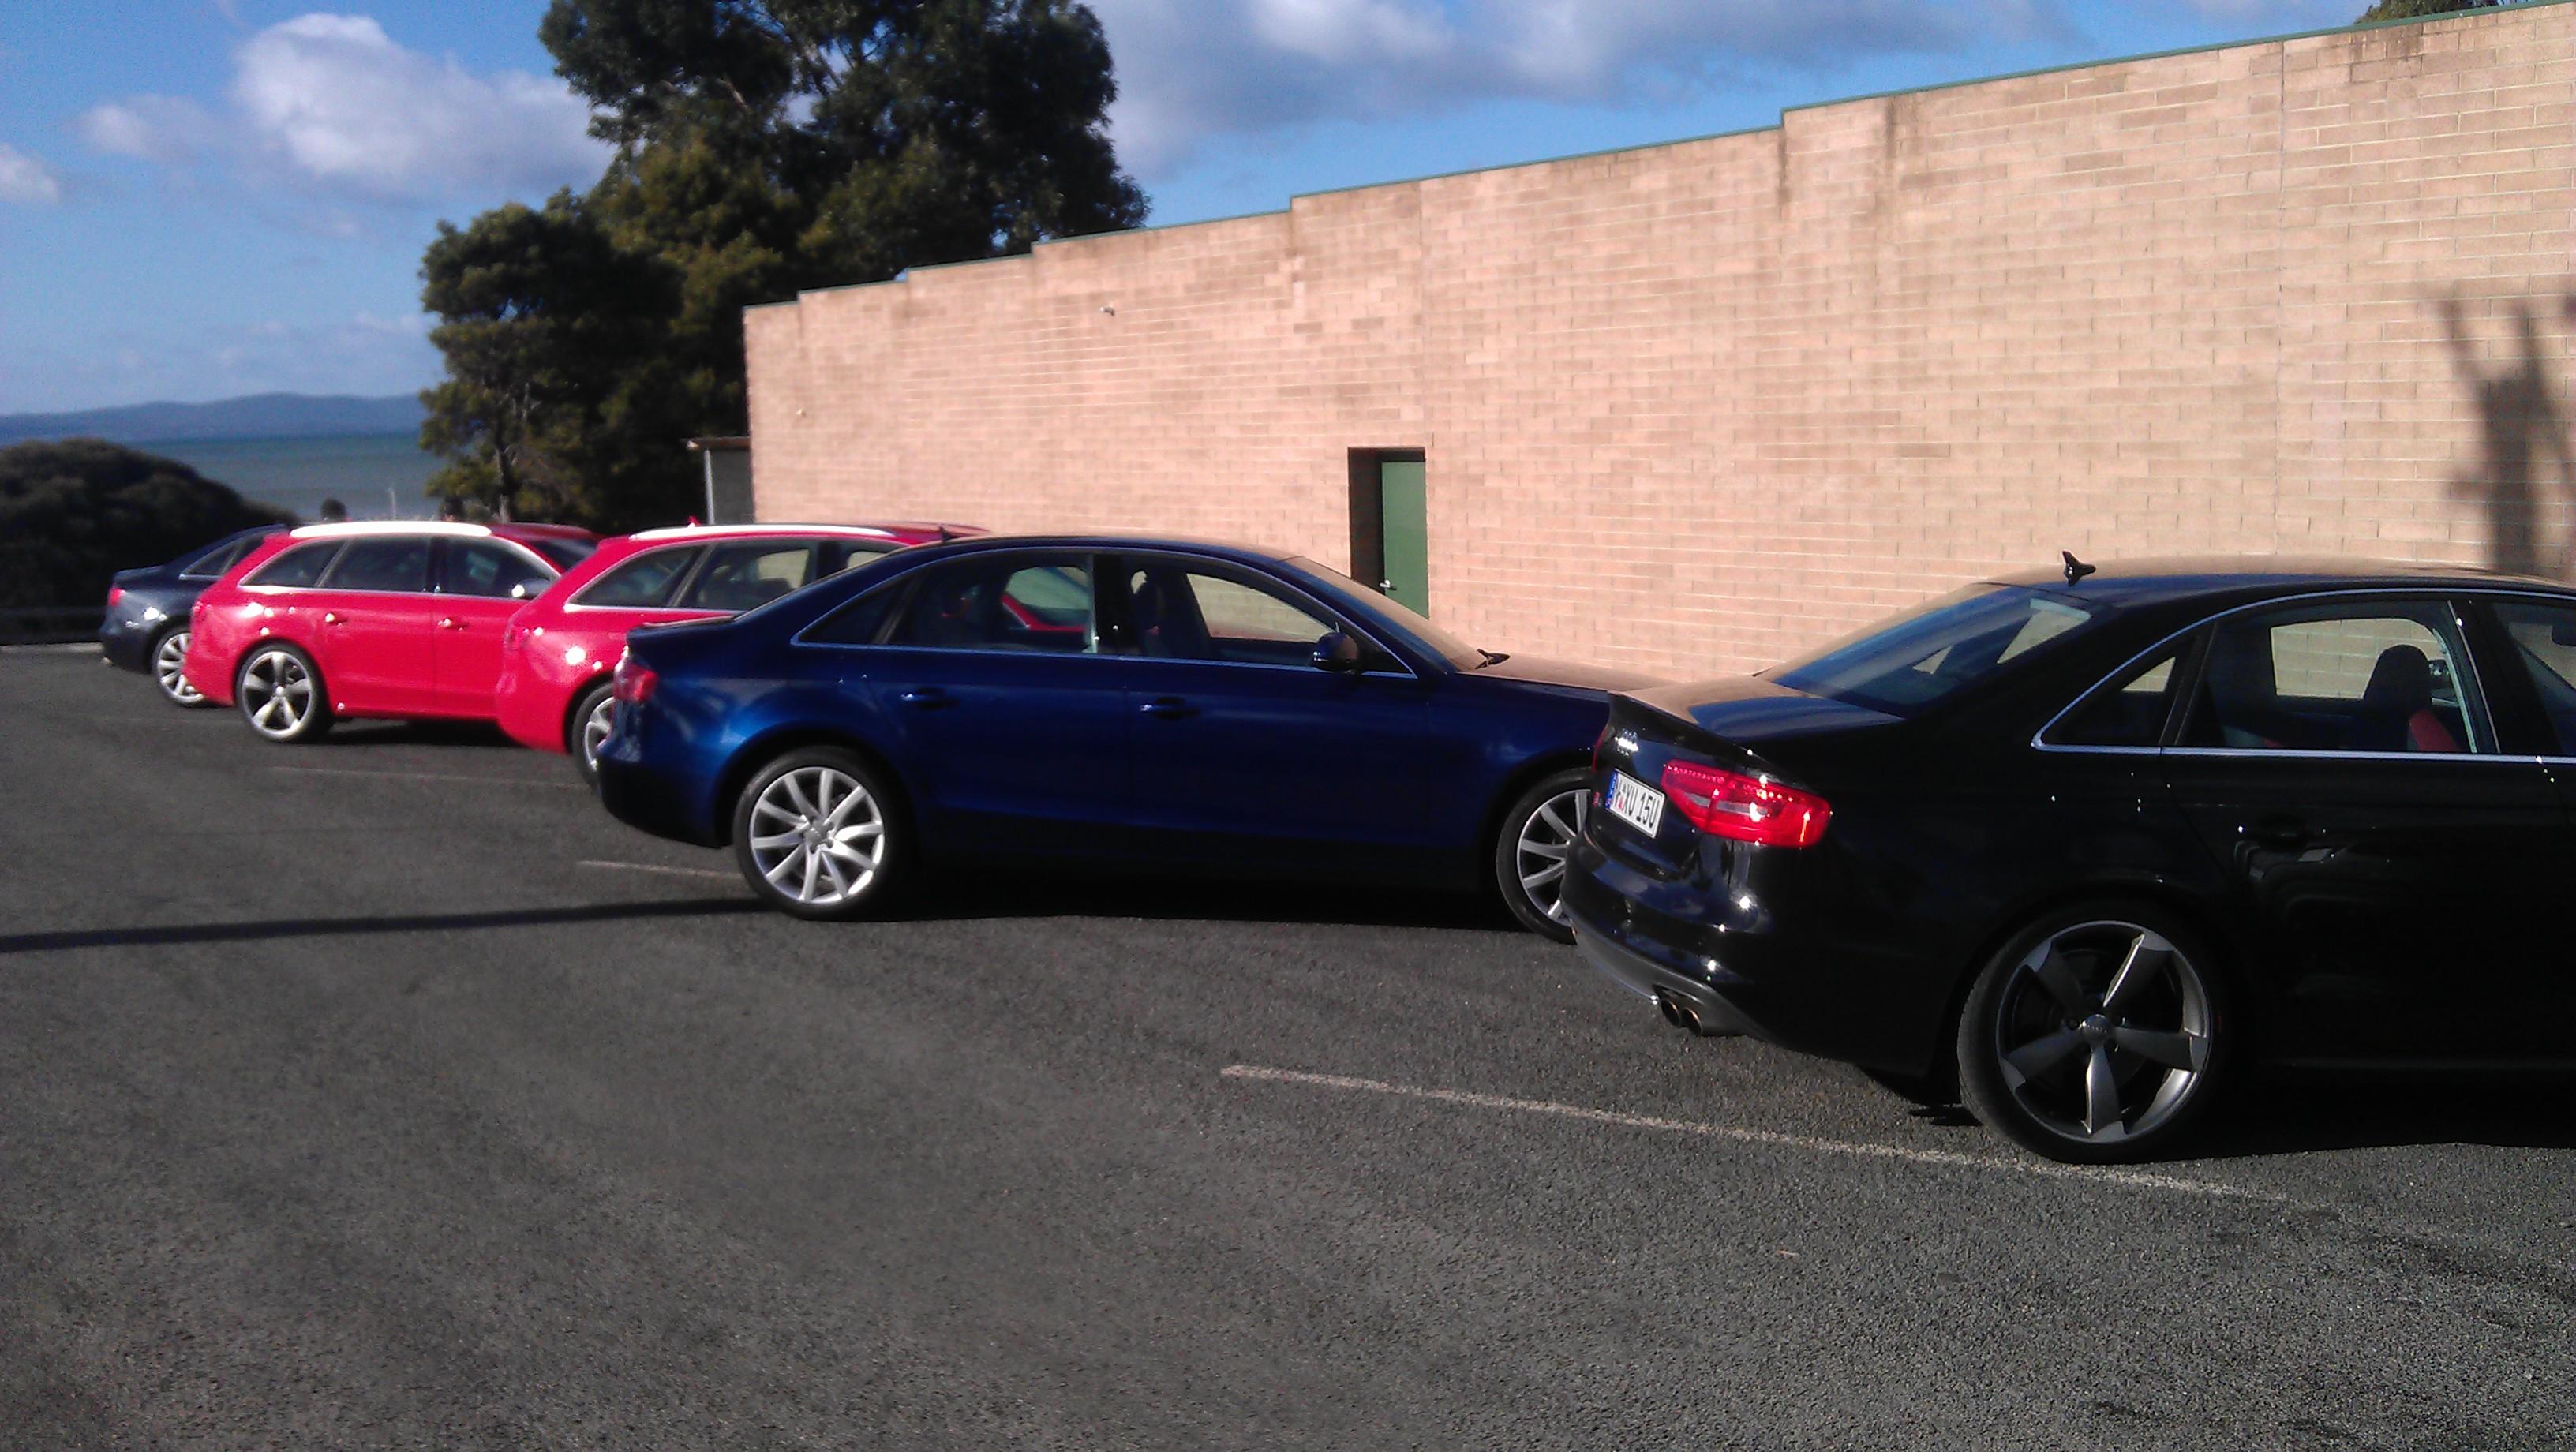 2012_audi_a4_s4_launch_review_australia_03